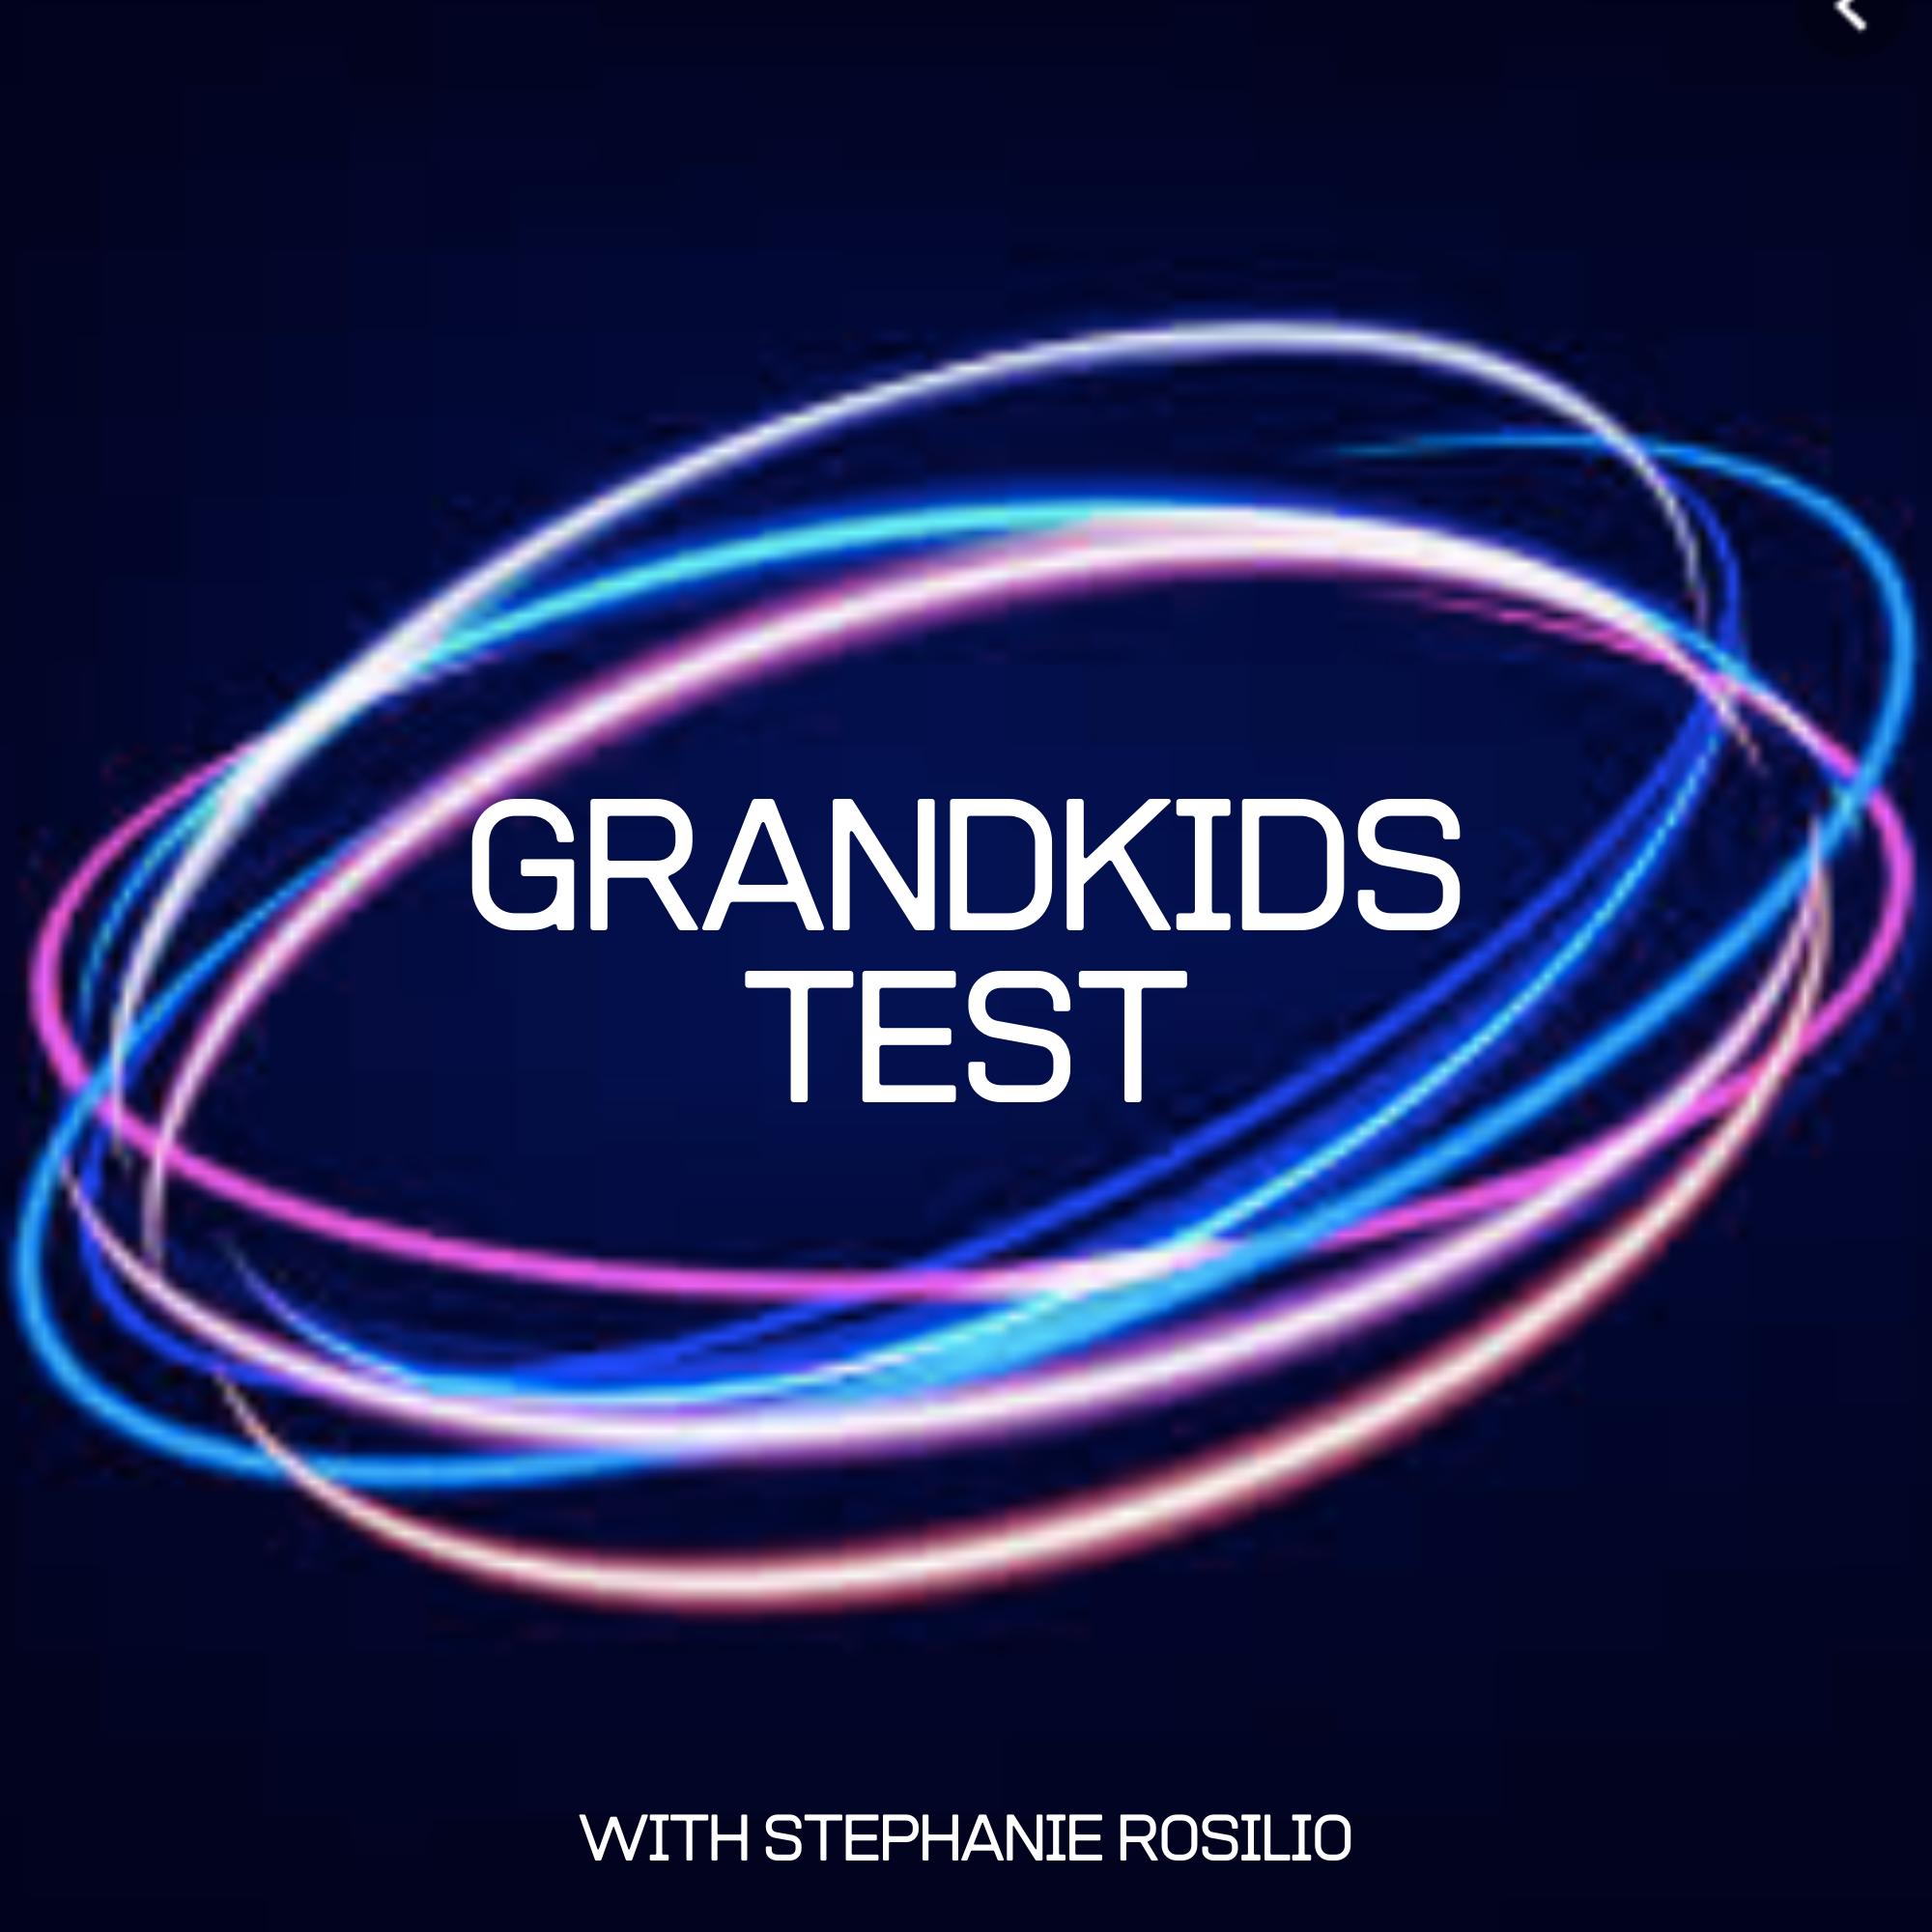 Grandkids Test Intro - Part 2